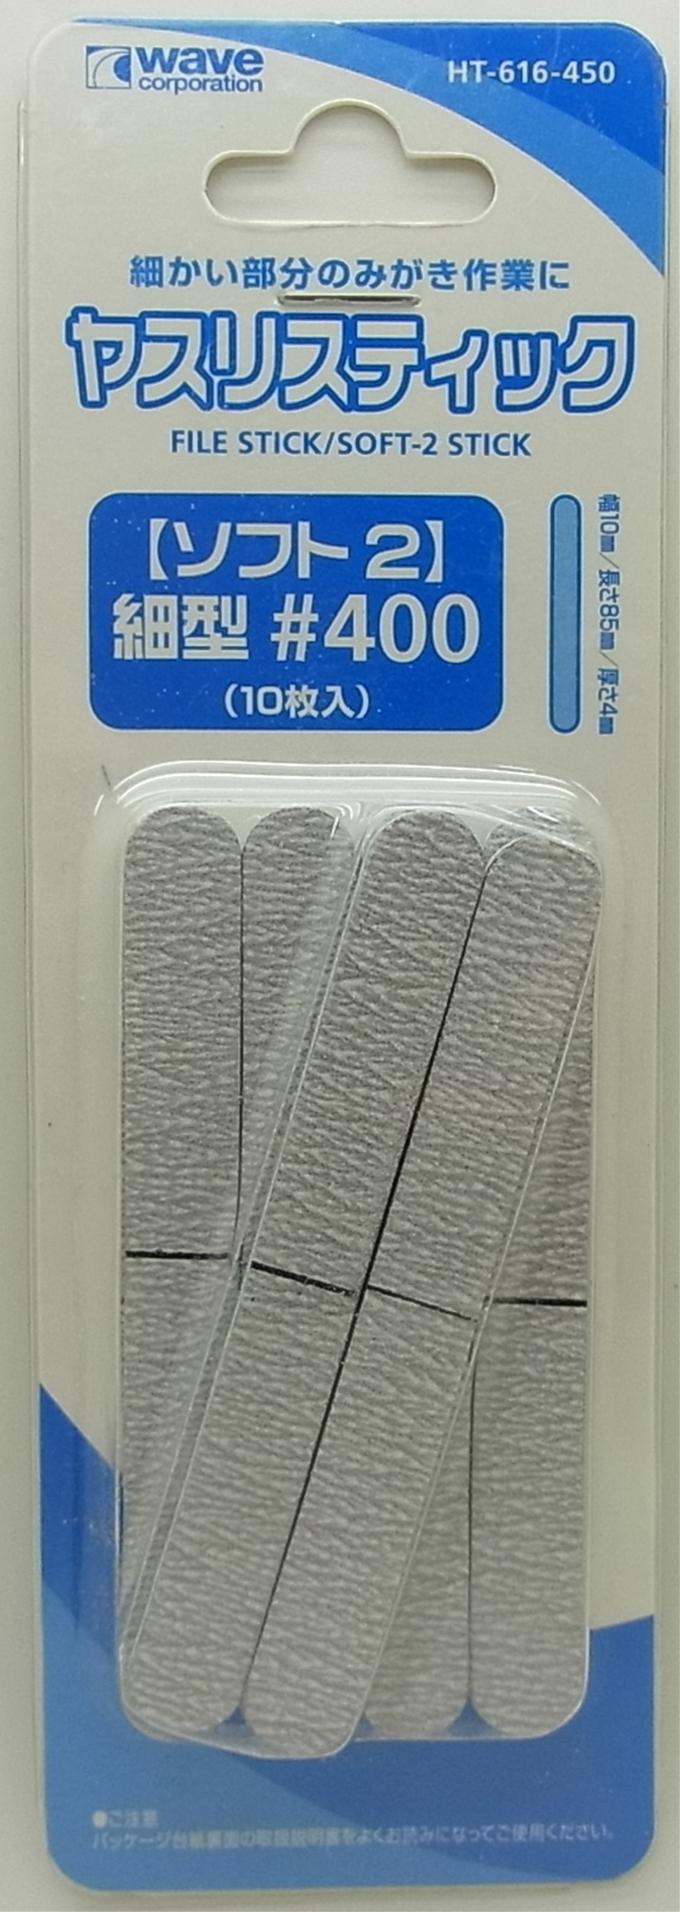 HT-616  ヤスリスティック#400 SOFT2 細型 10枚入り 85mm × 10mm ×4mm